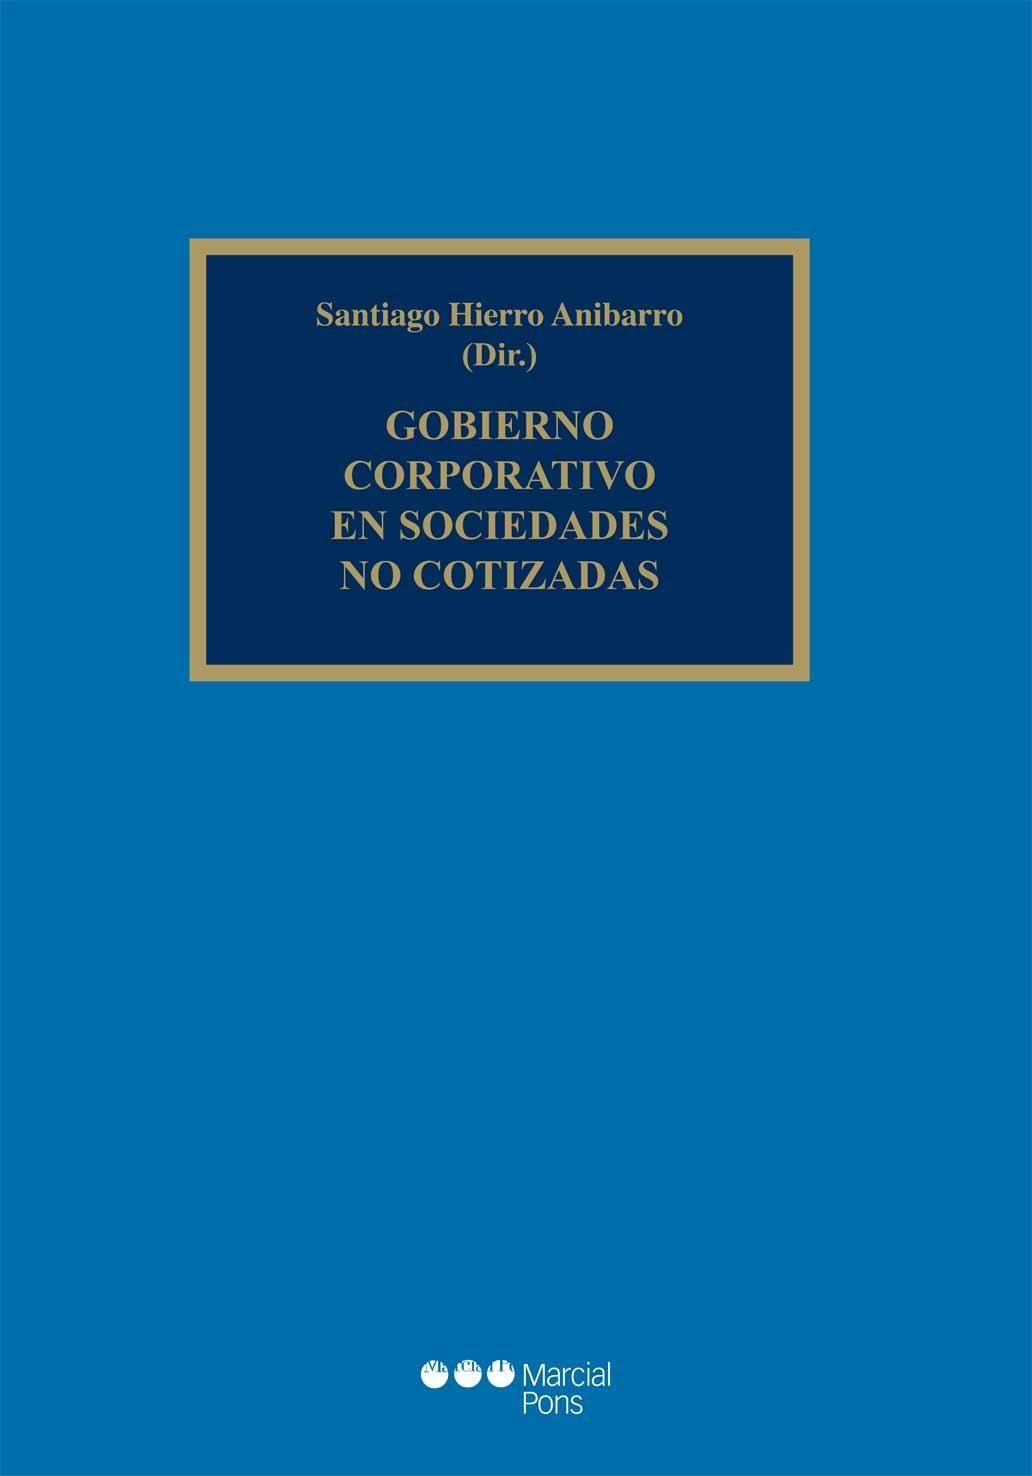 Gobierno corporativo en sociedades no cotizadas librer a bosch - Libreria marcial pons barcelona ...